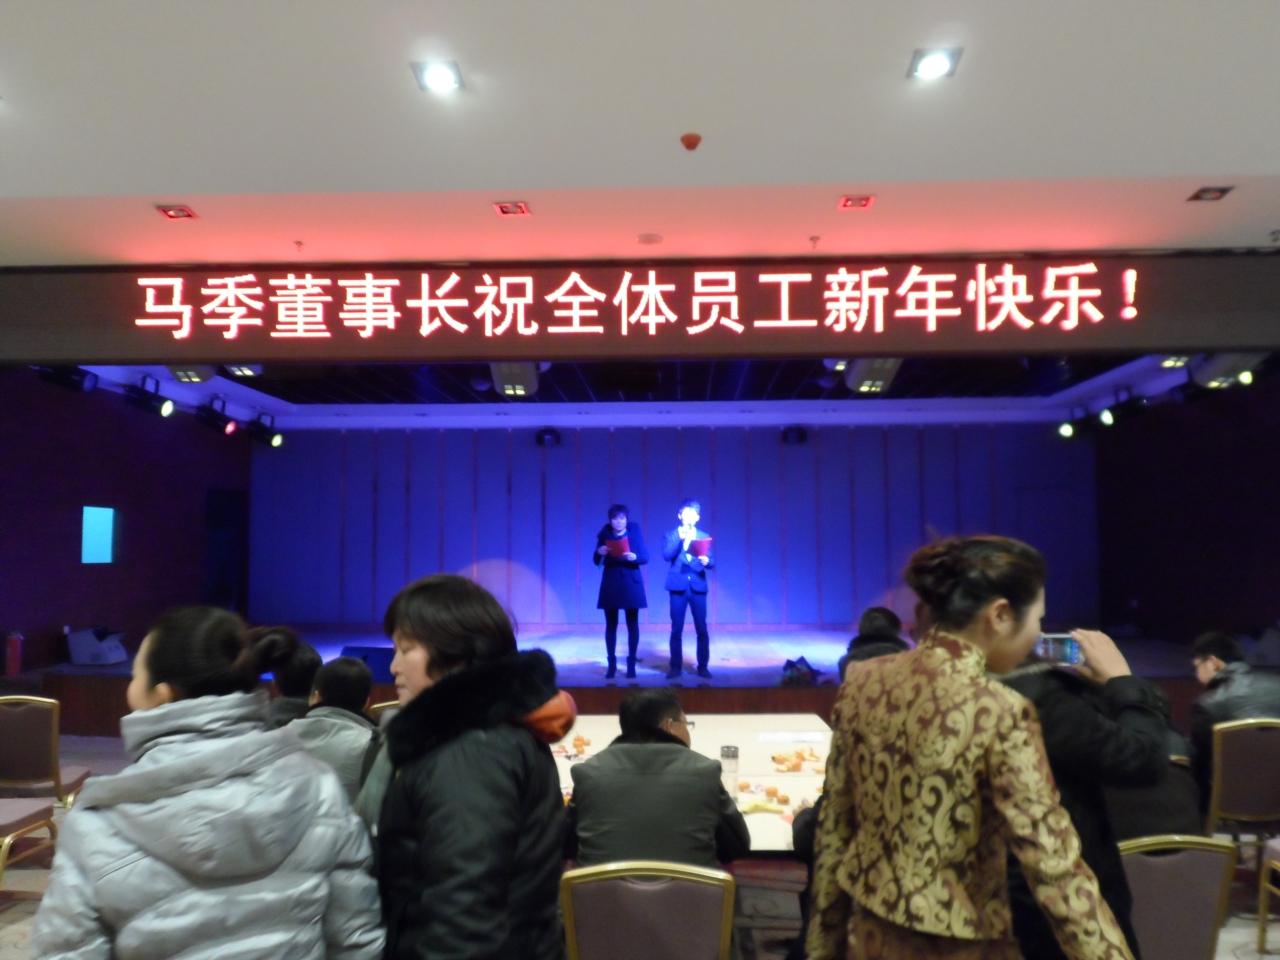 兴谷大酒店宴会菜单